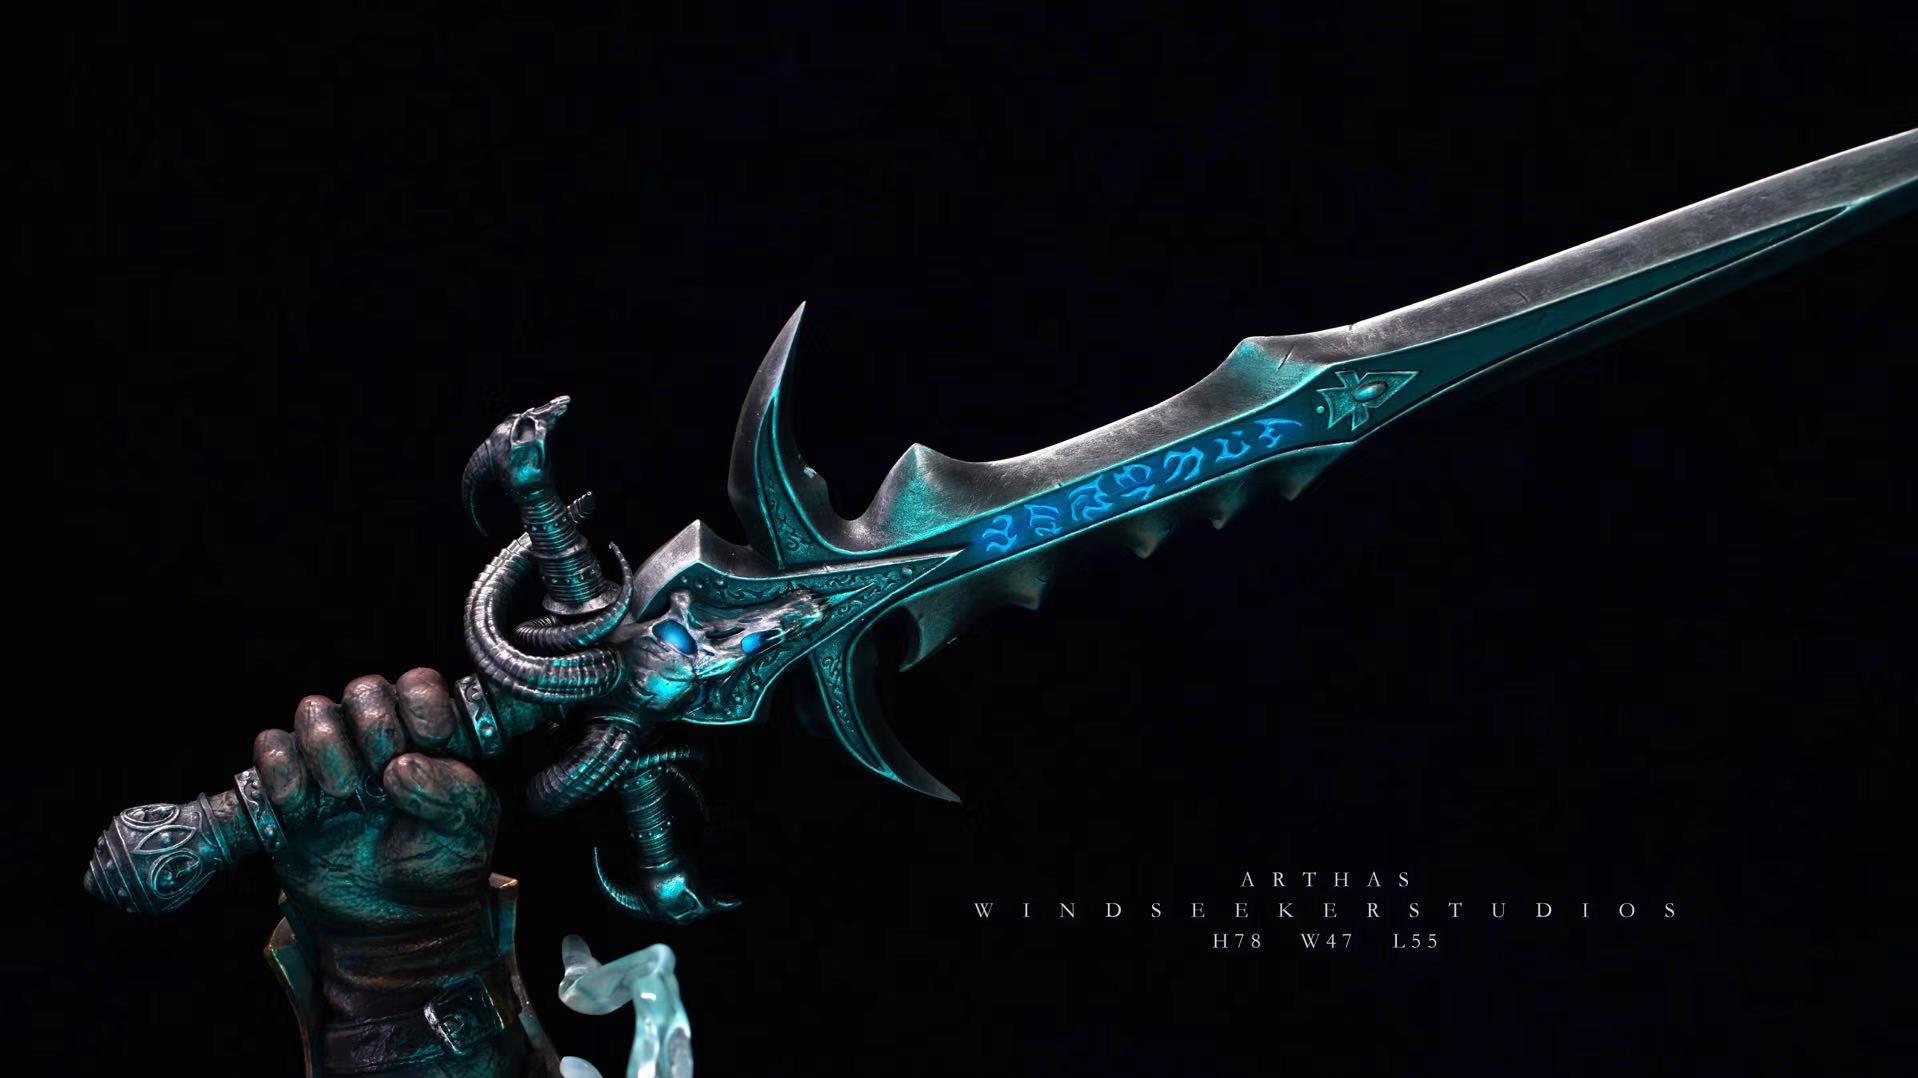 Estatua de Arthas Menethil por Windseeker Studio